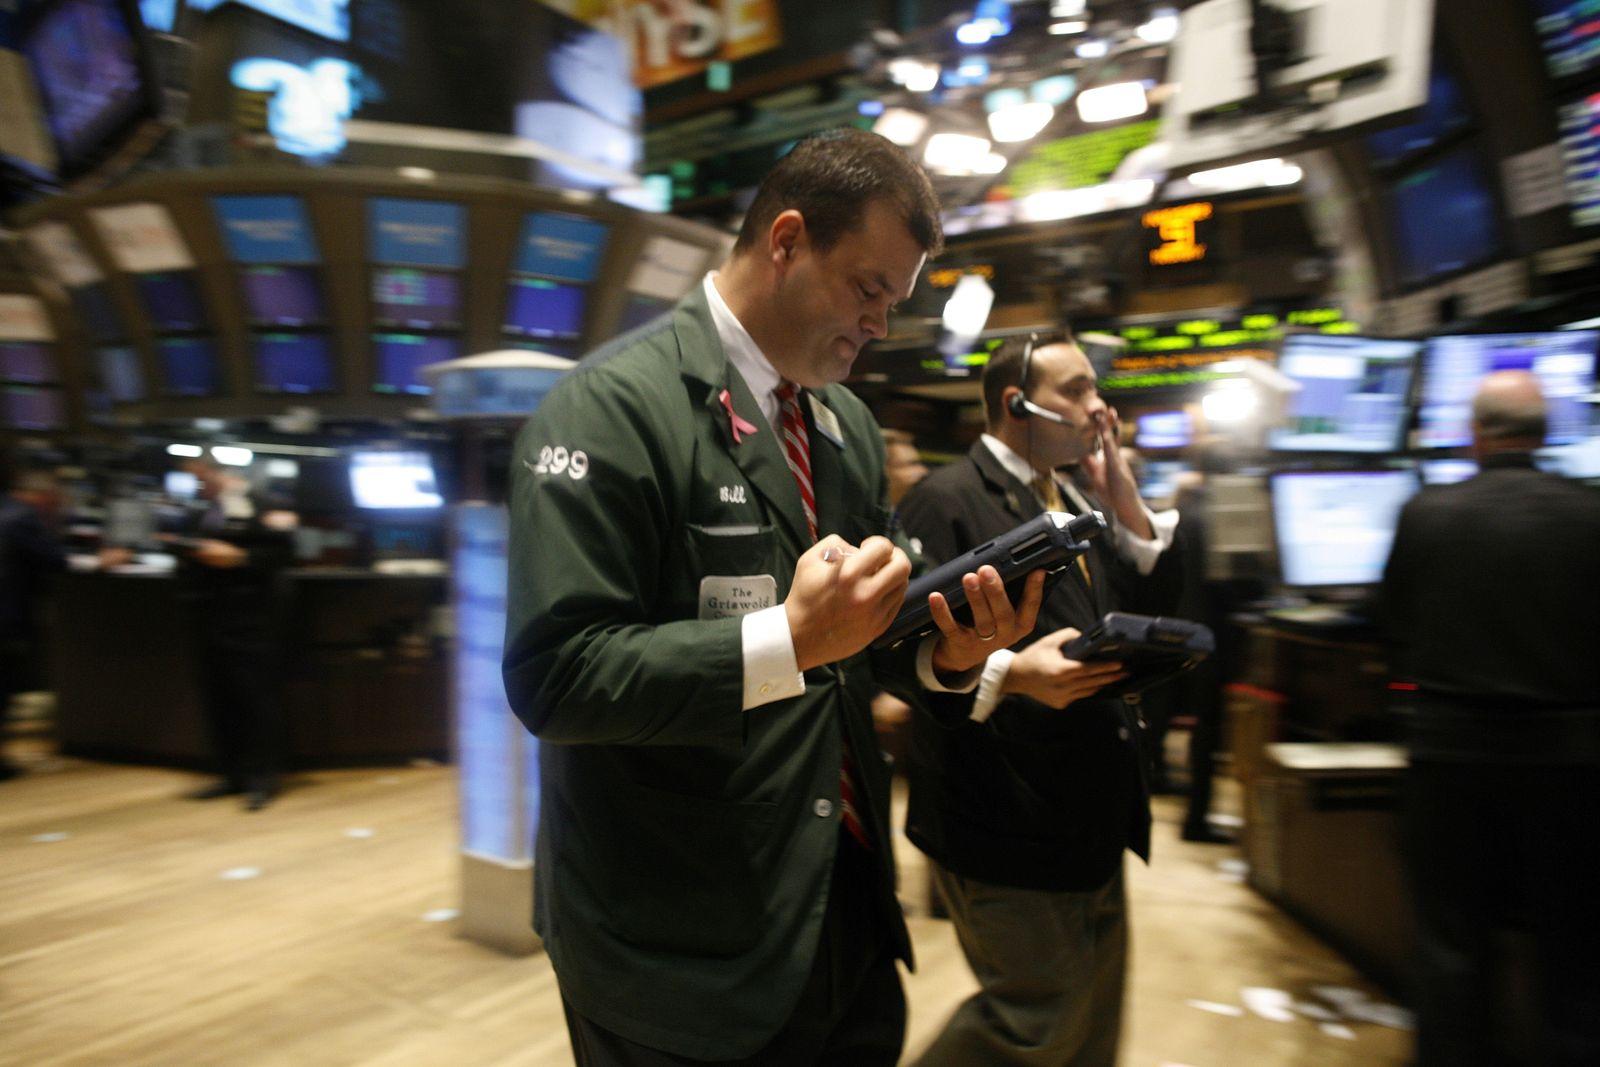 NICHT MEHR VERWENDEN! - SYMBOLBILD Finanzen Börse